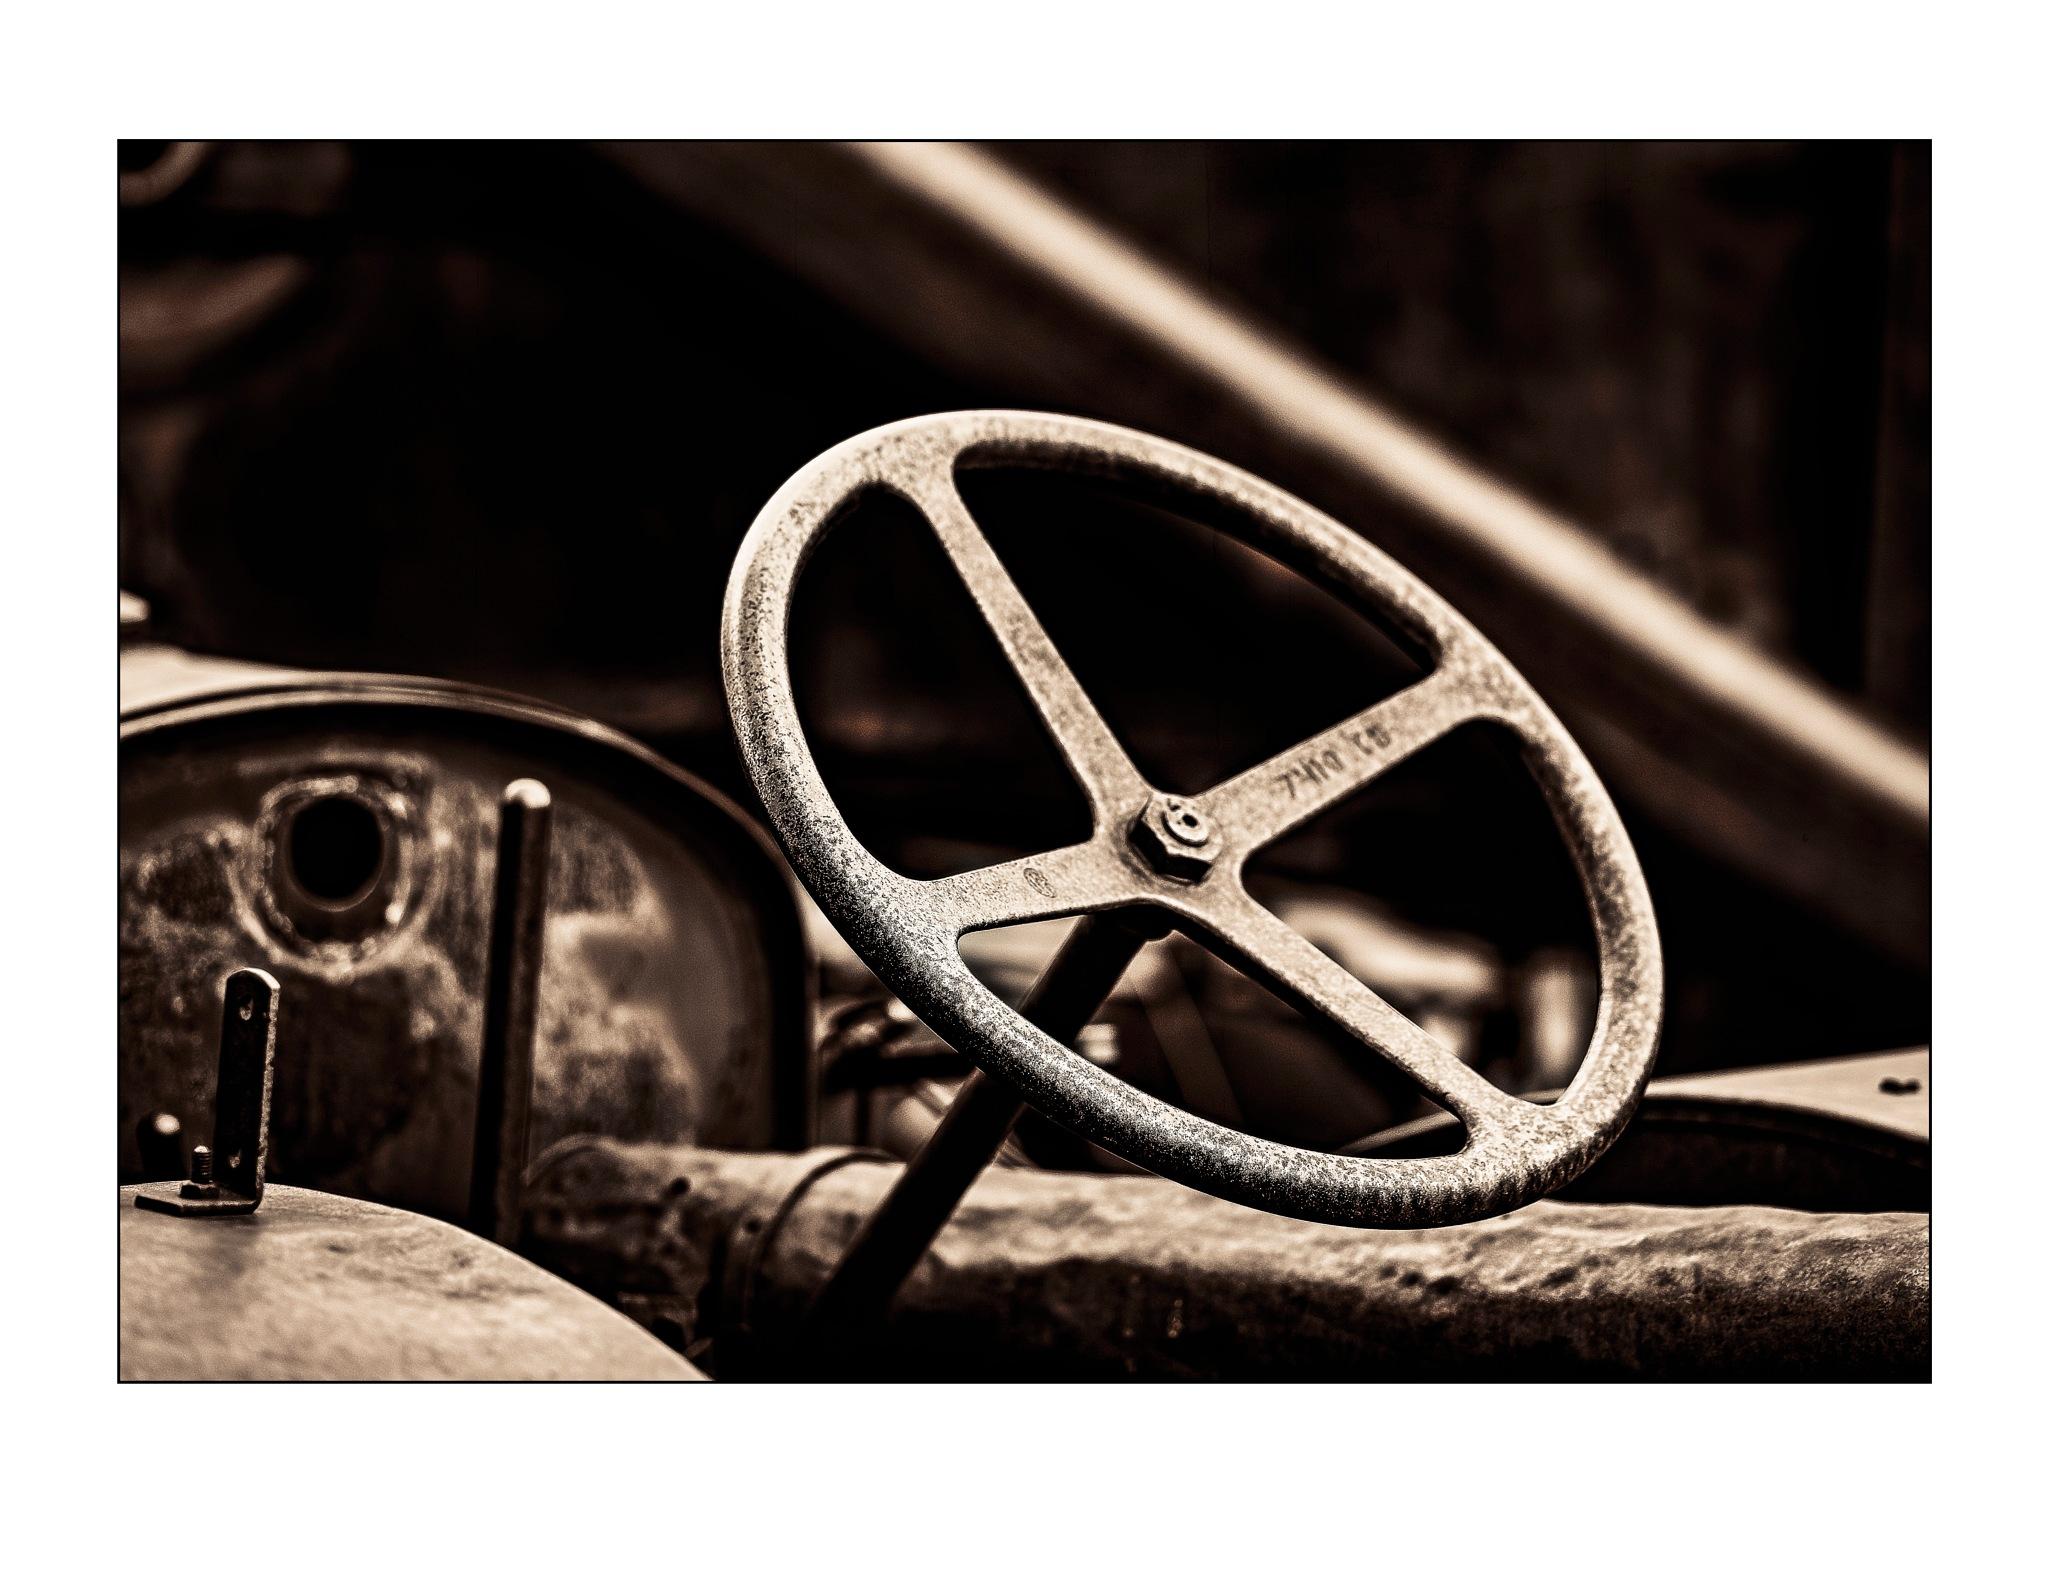 Steering Wheel by jhulton